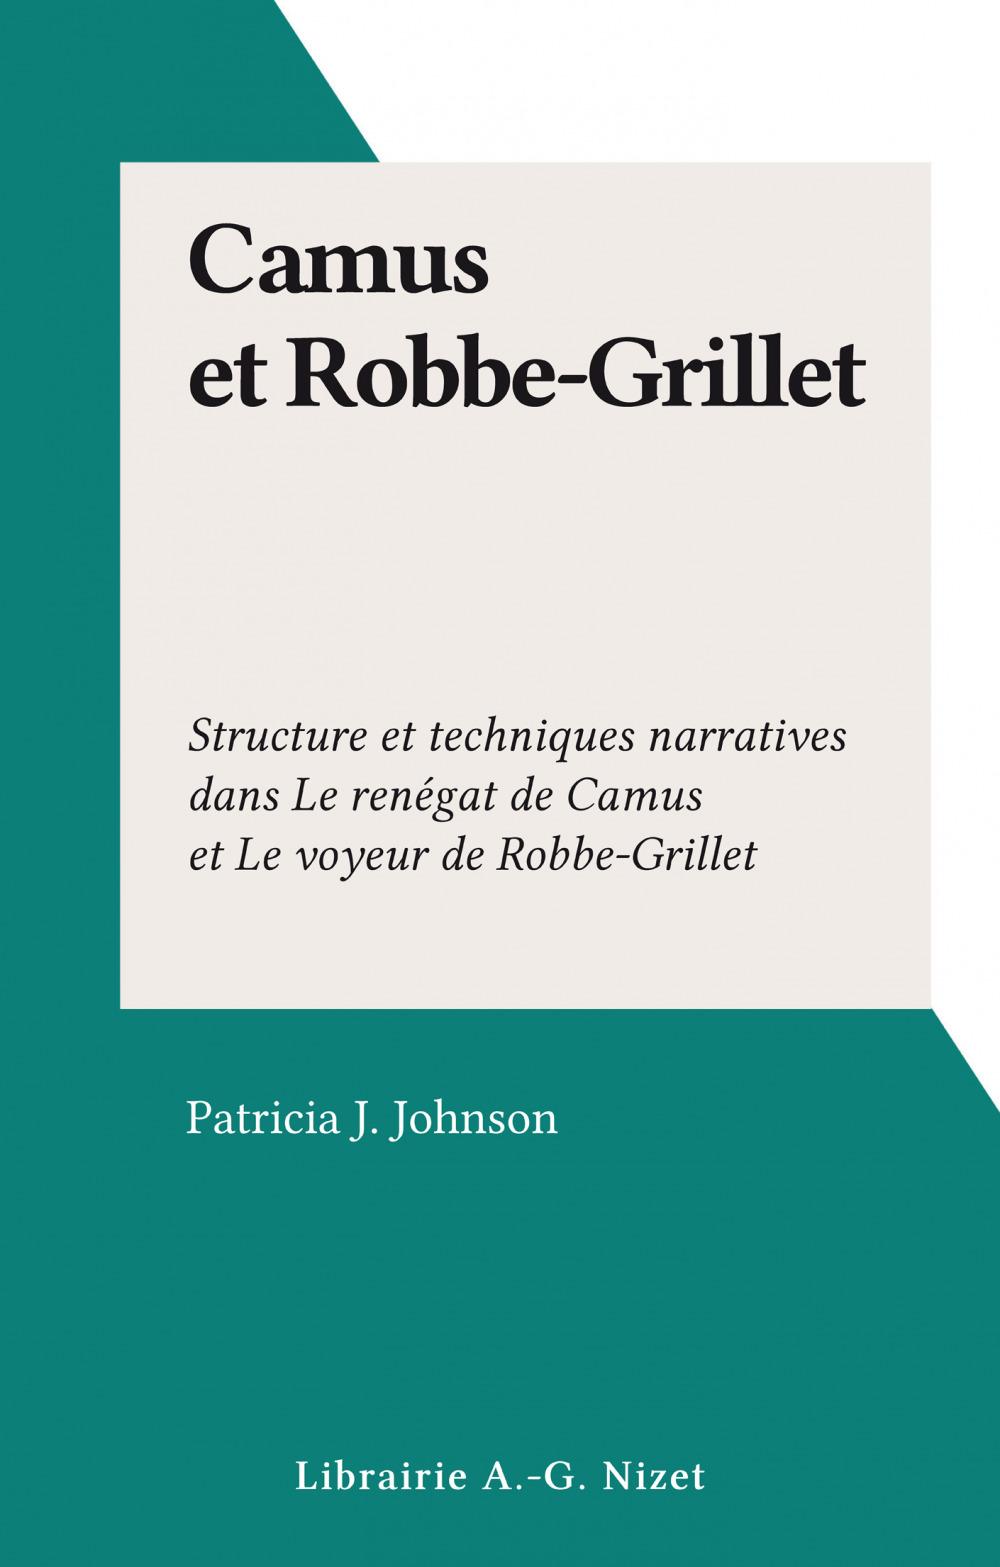 Camus et Robbe-Grillet